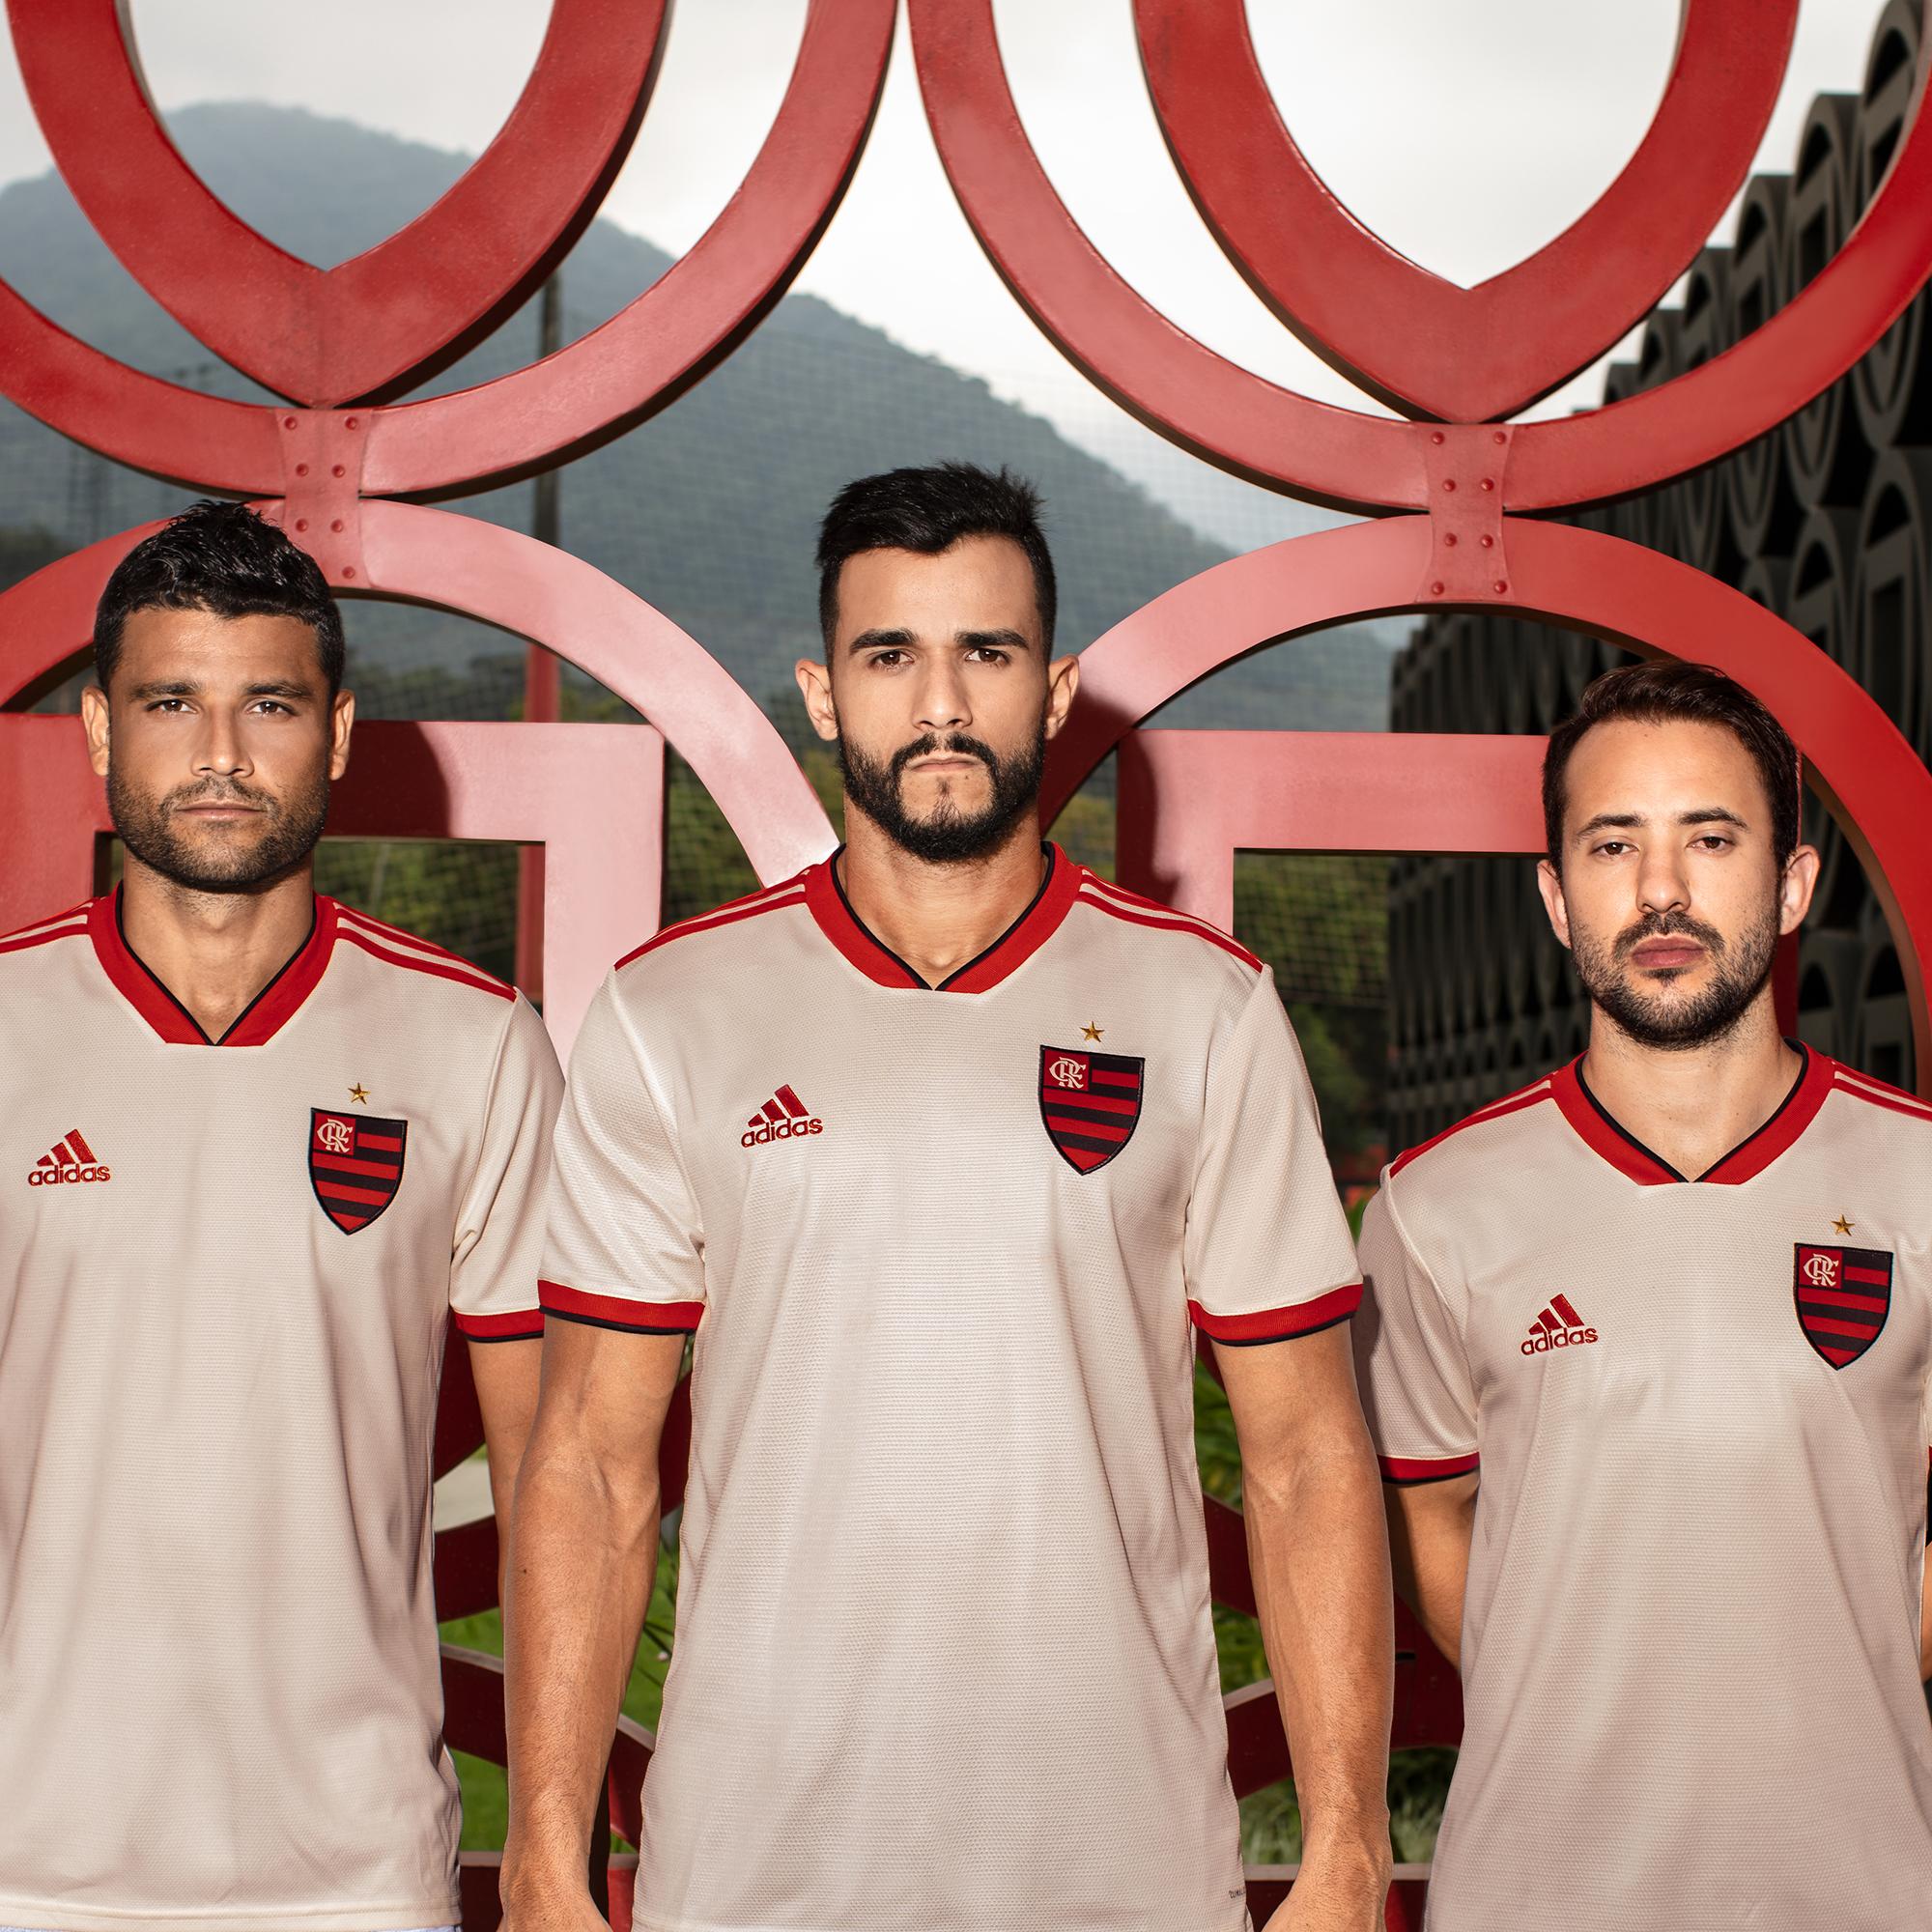 5b96215fc023d O Flamengo e a Adidas apresentaram nesta sexta a nova camisa 2 para 2018.